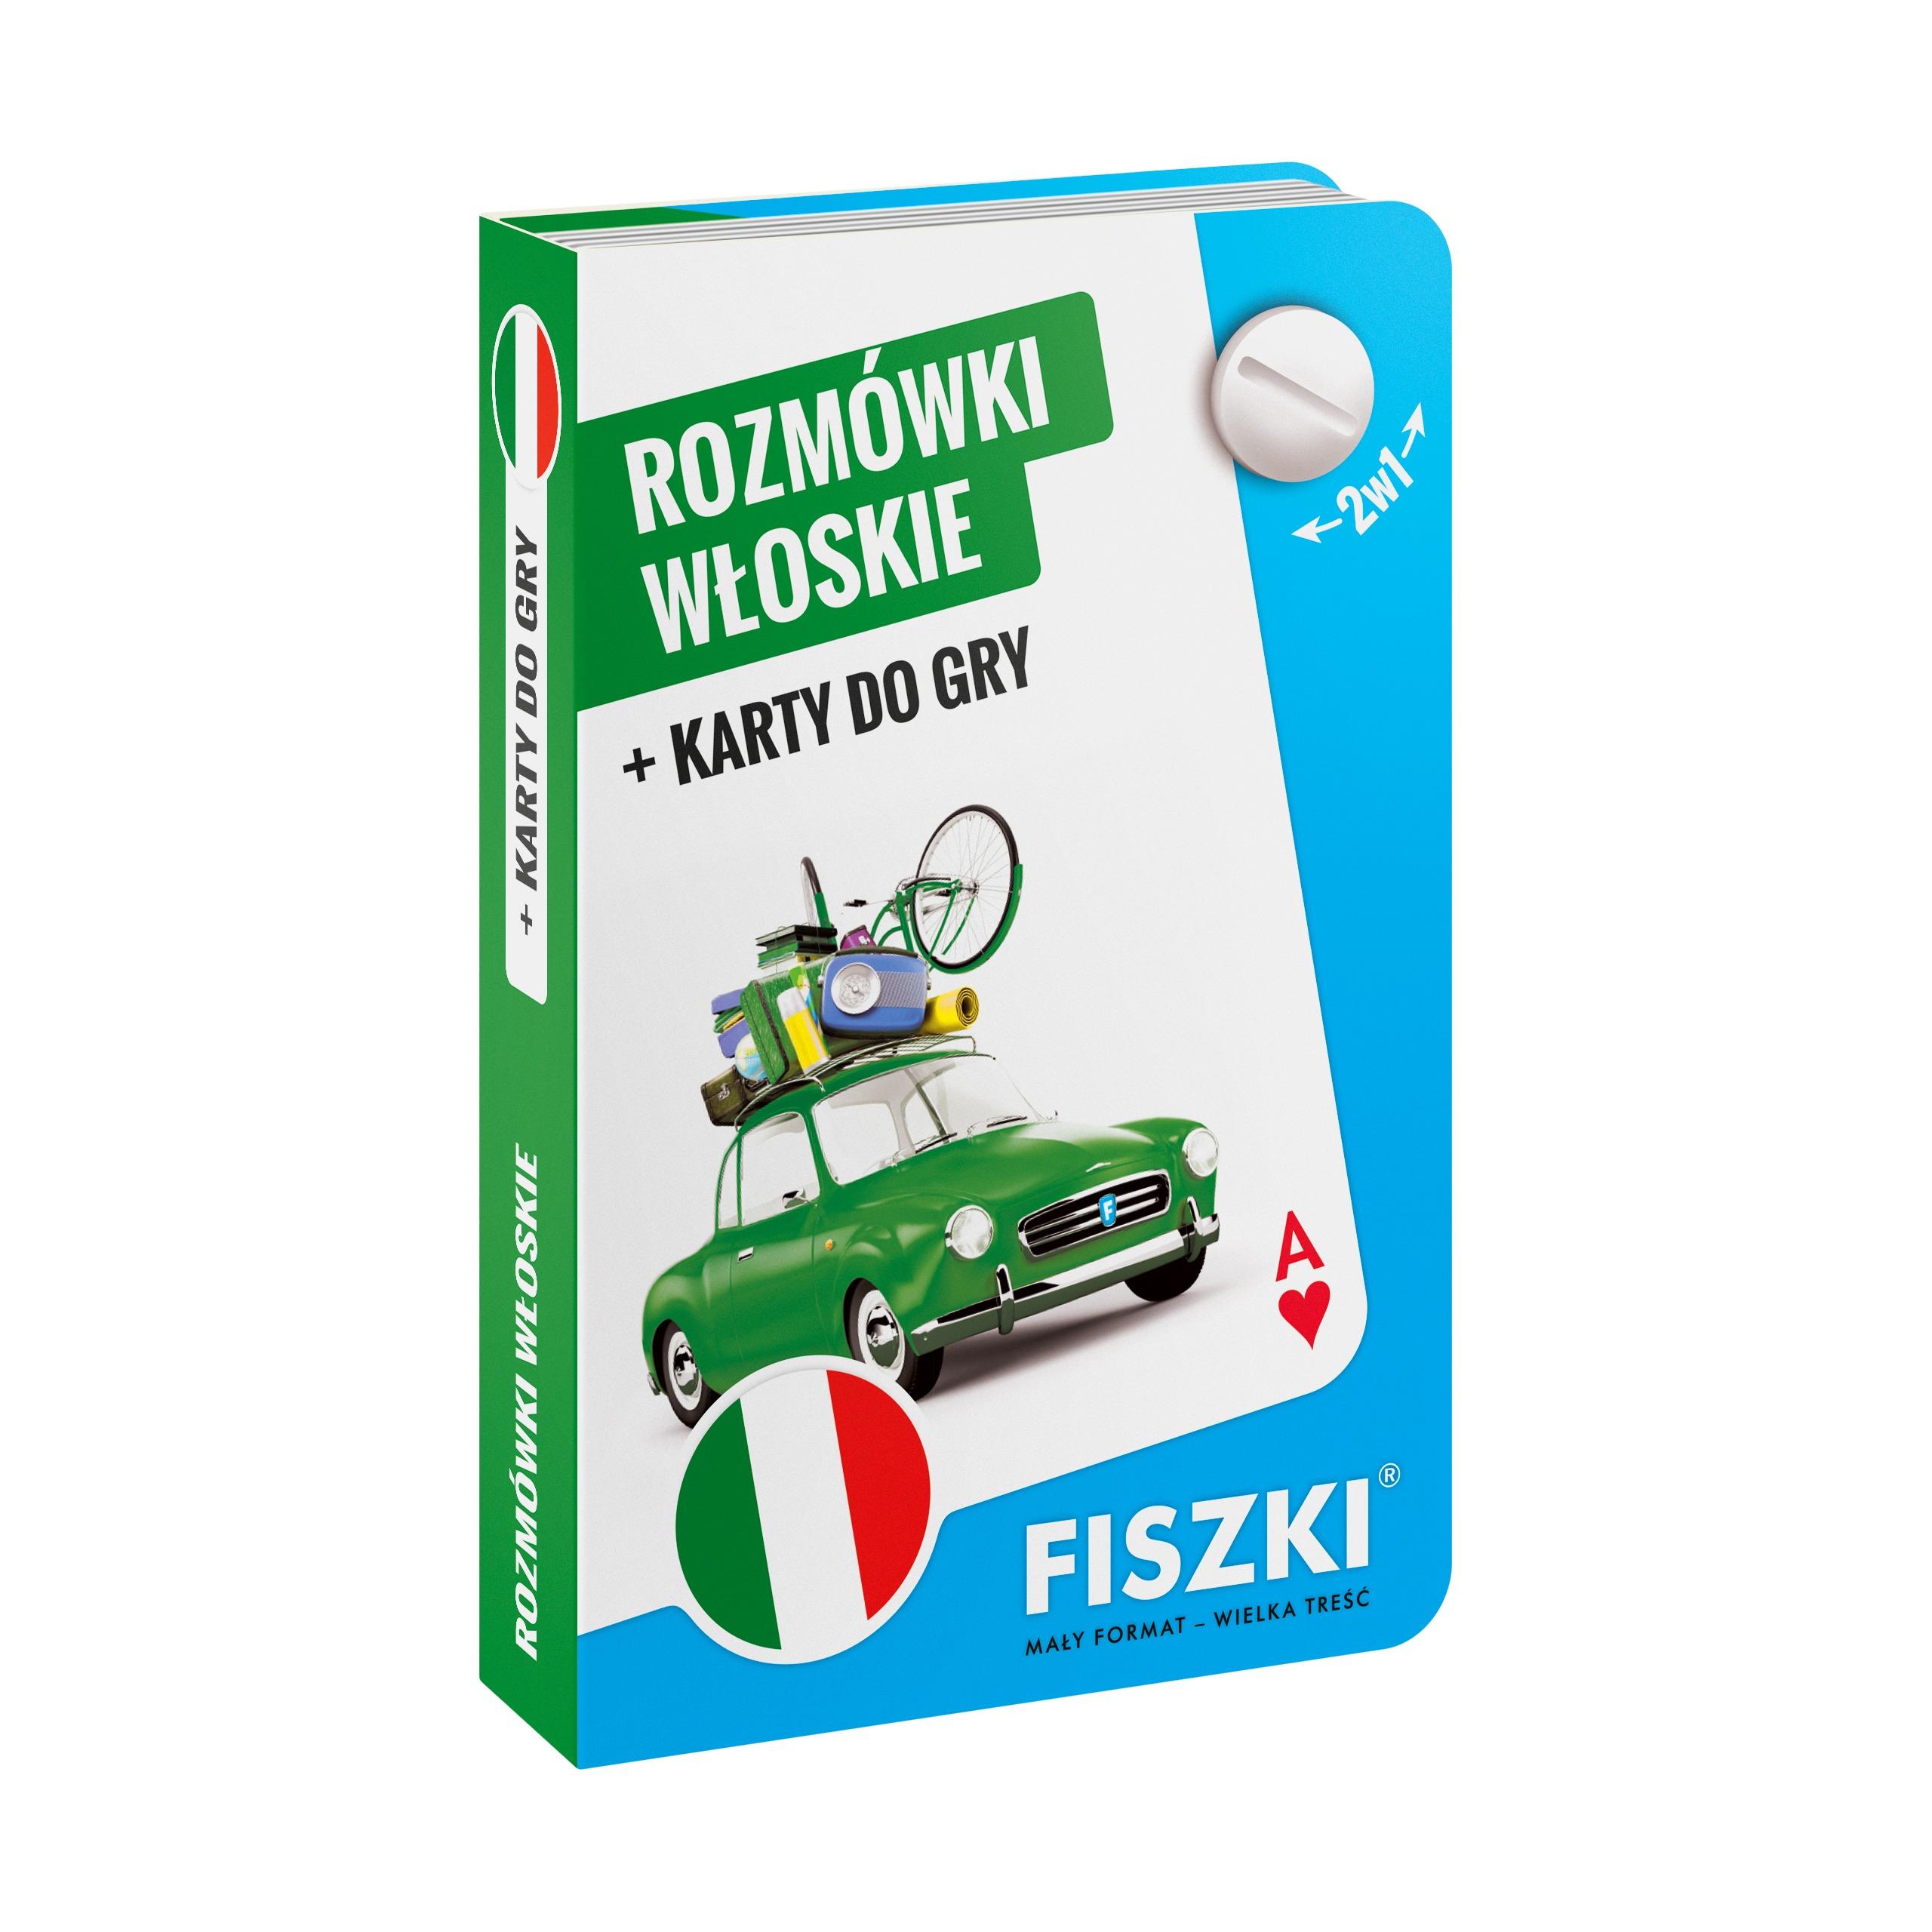 ROZMÓWKI włoskie i karty do gry 2w1